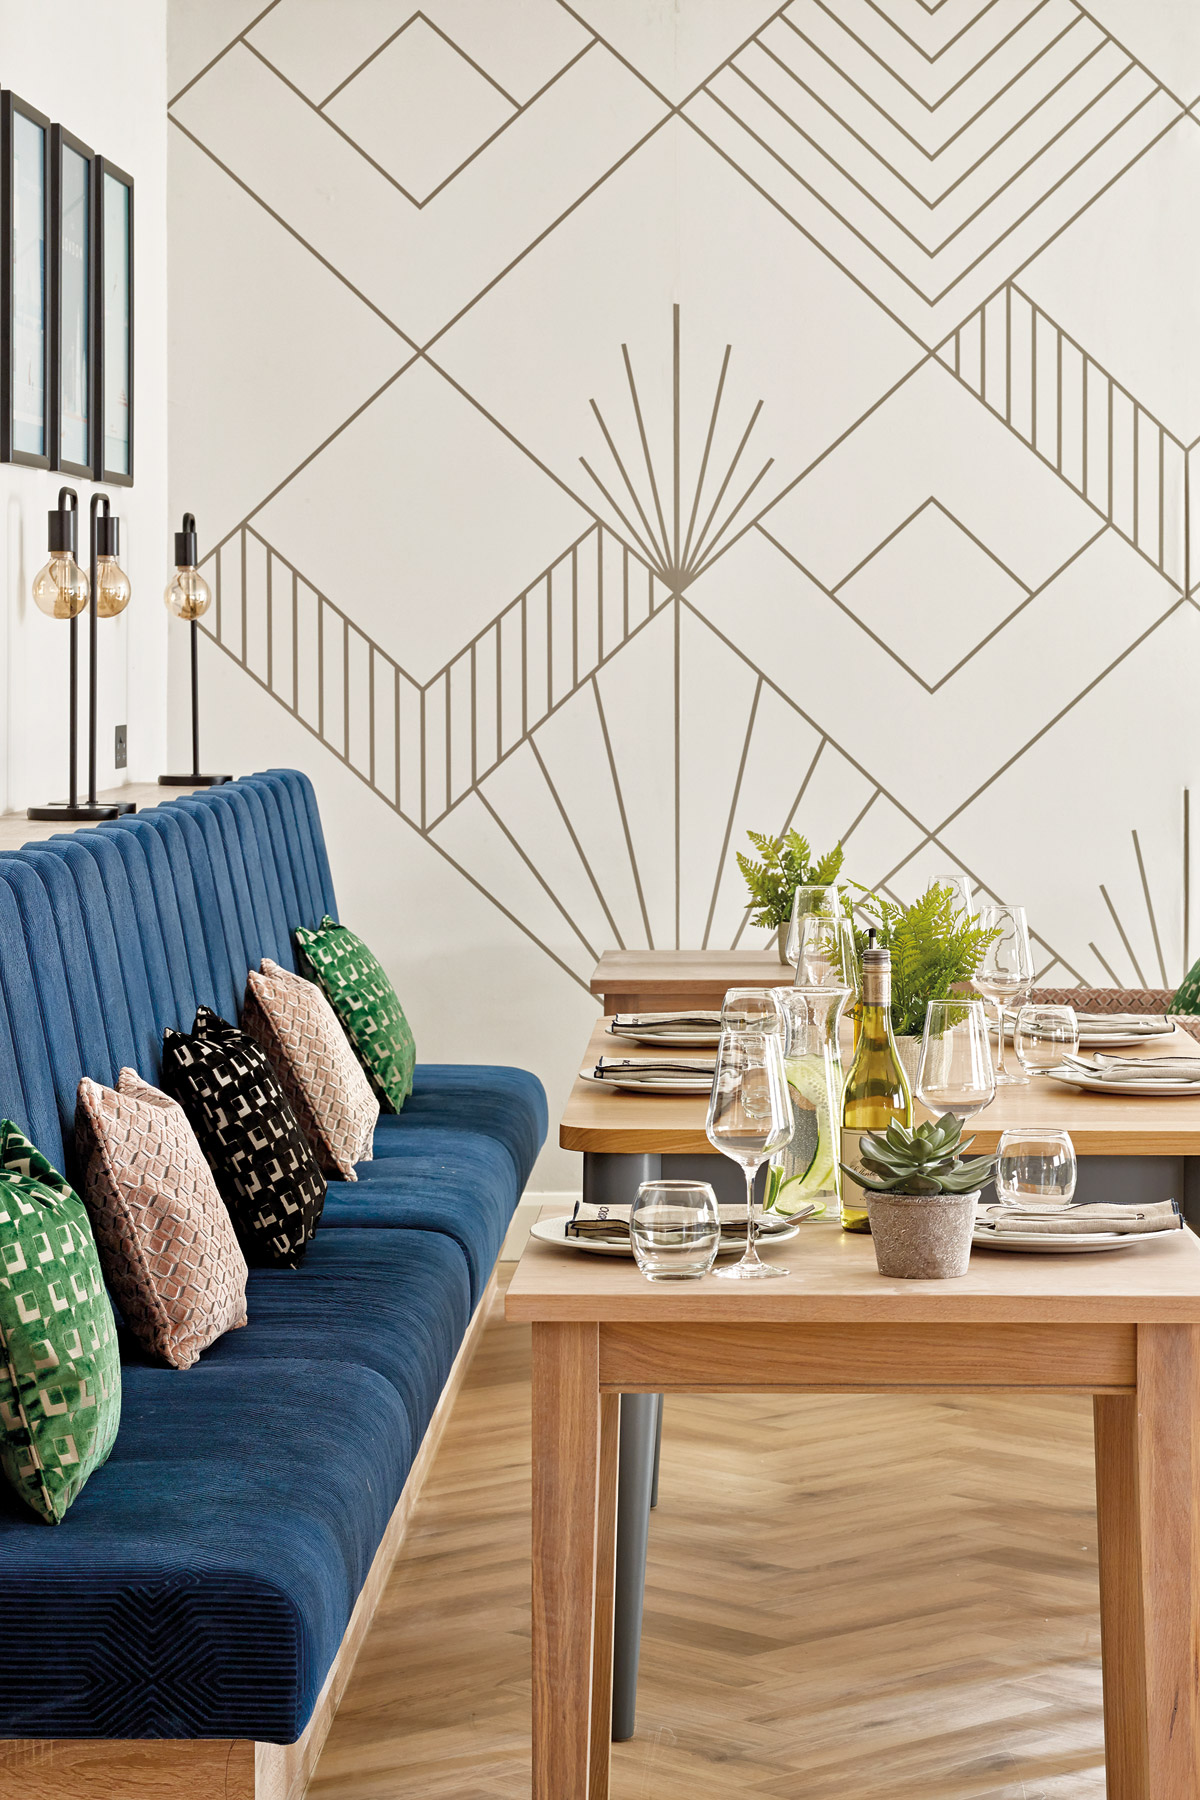 care home design, Contemporary Art Deco Care Home Surpasses Traditional Expectations